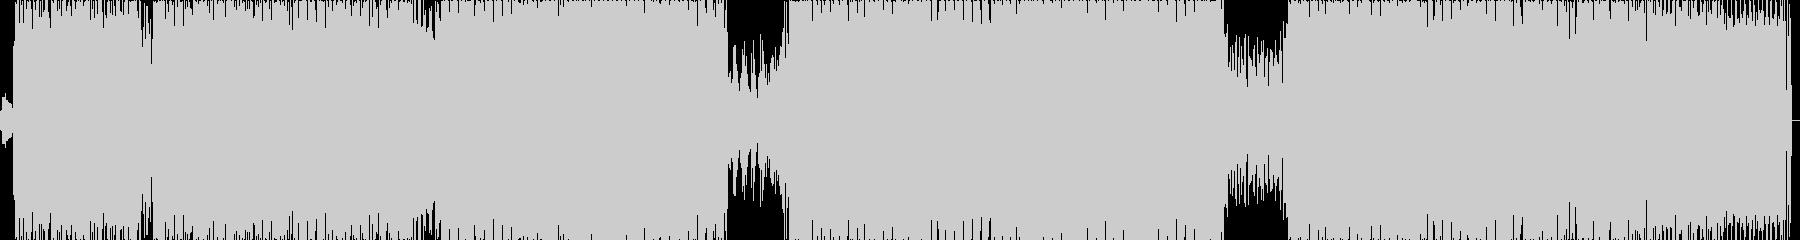 リズミカルでリニアな伝統的なメロデ...の未再生の波形